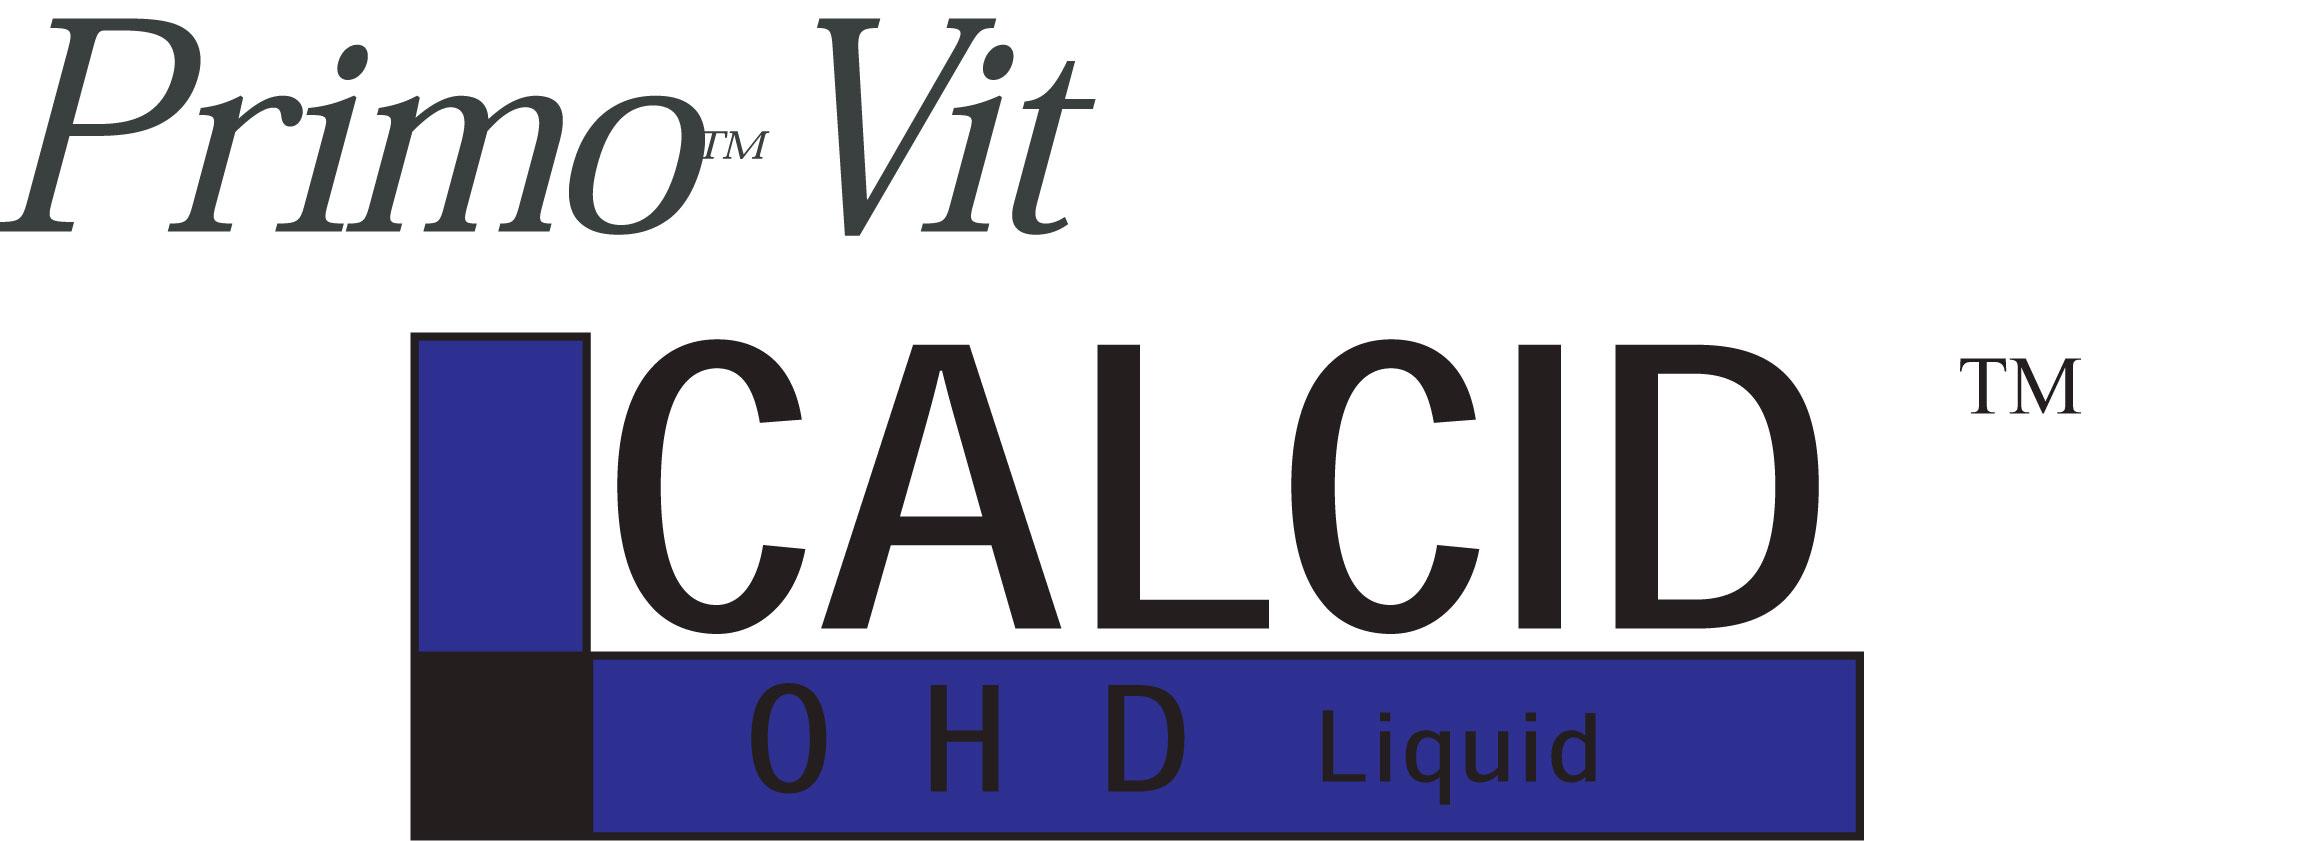 Primo_VIT_Calcid